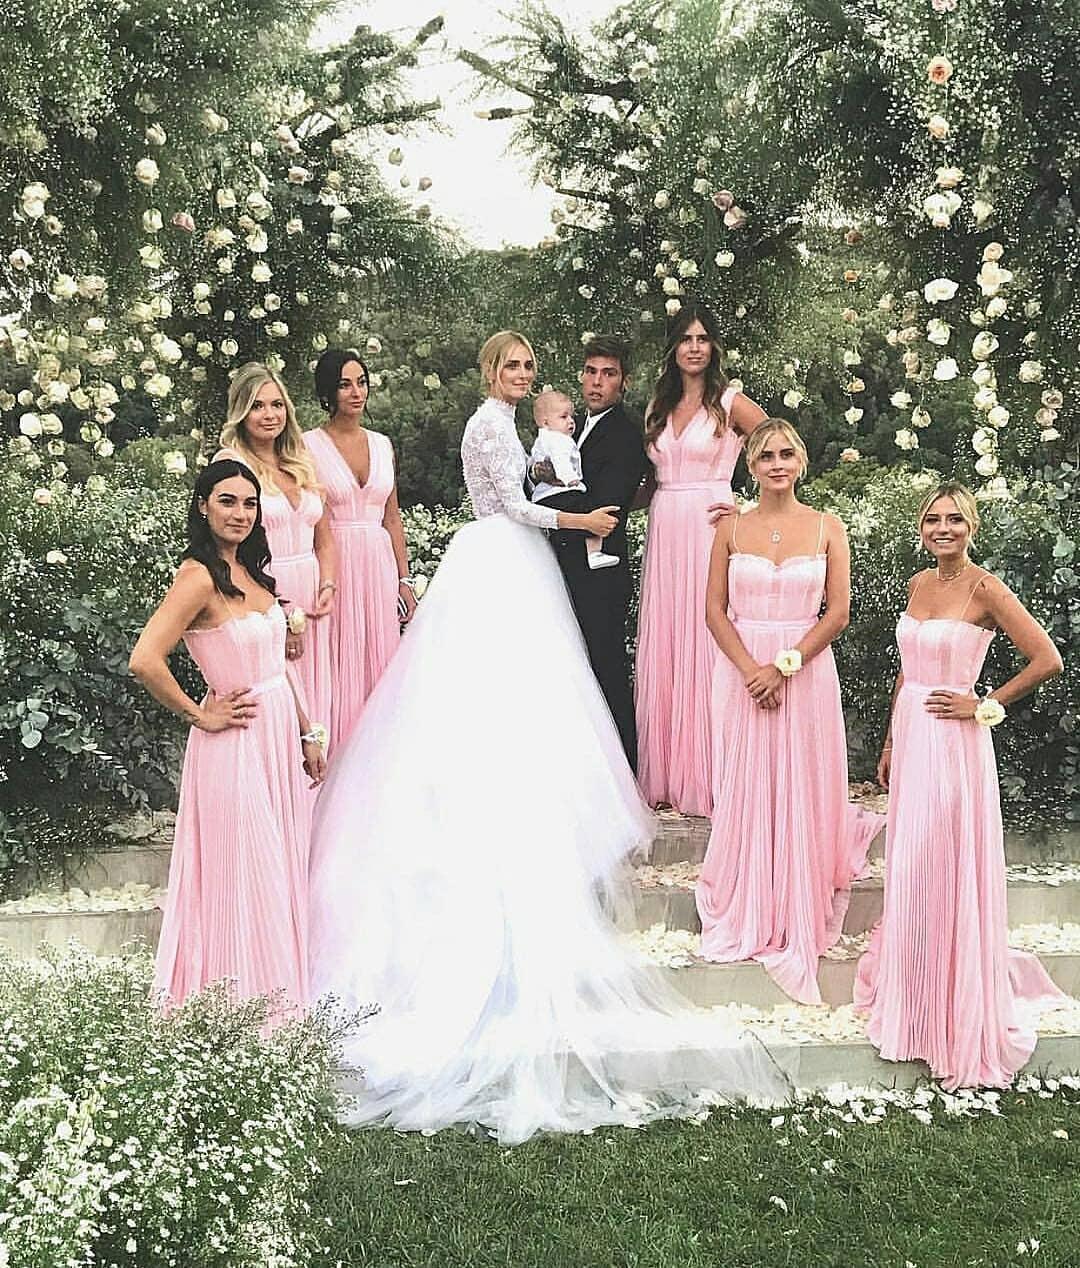 b4ba051cee Δες το εκπληκτικό Dior νυφικό της Chiara Ferragni - Fashionway.gr ...